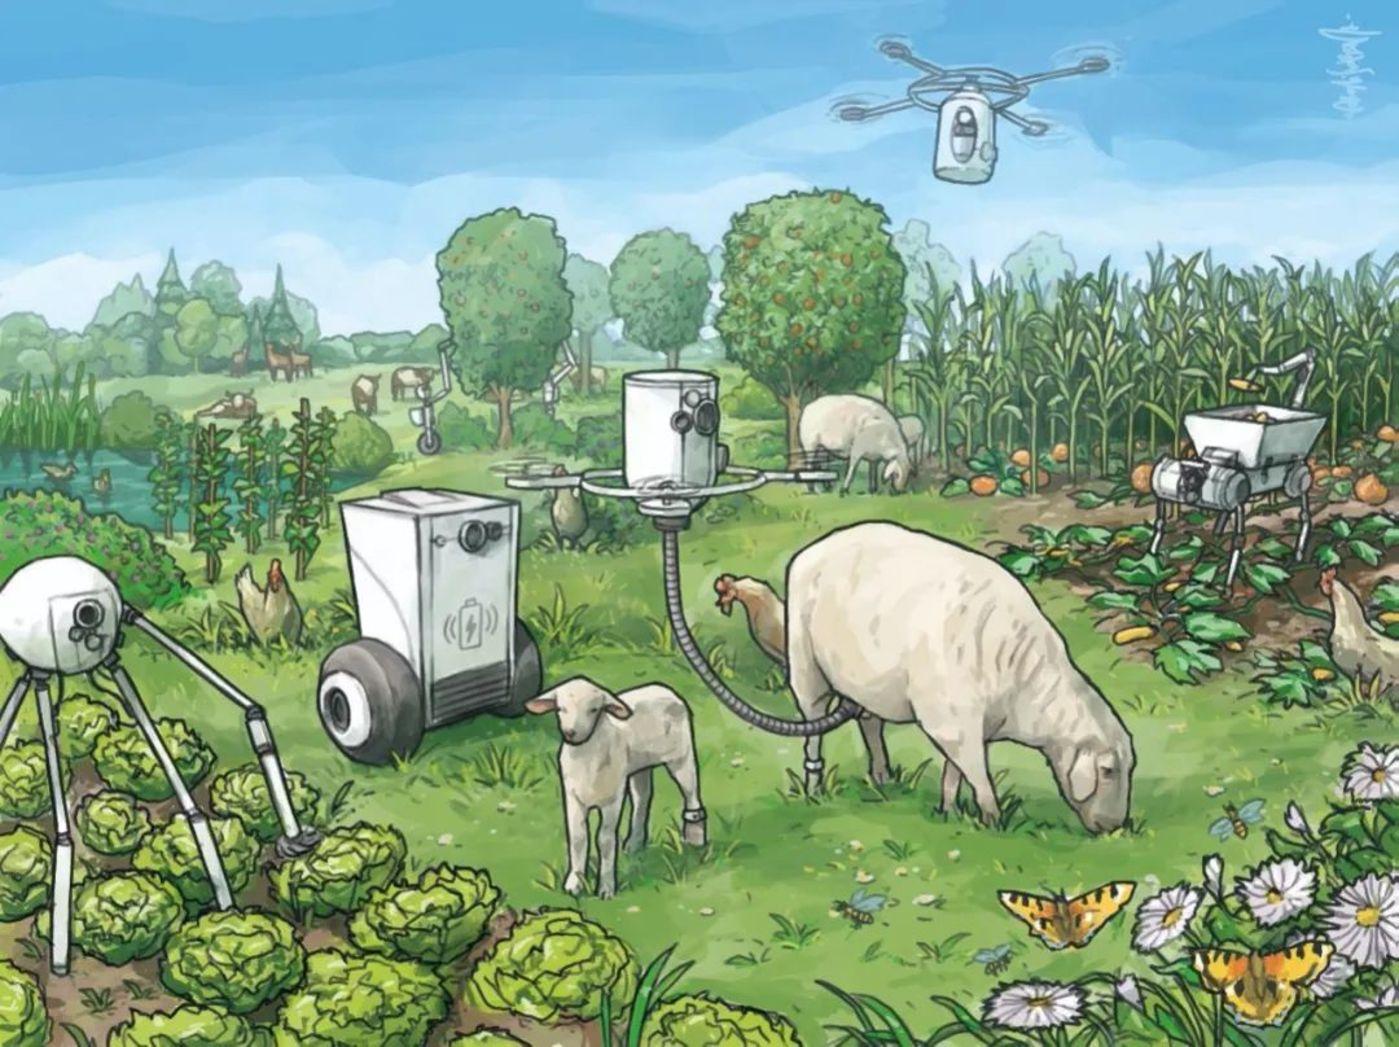 图 | 农业机器人带来的生态乌托邦(来源:论文)